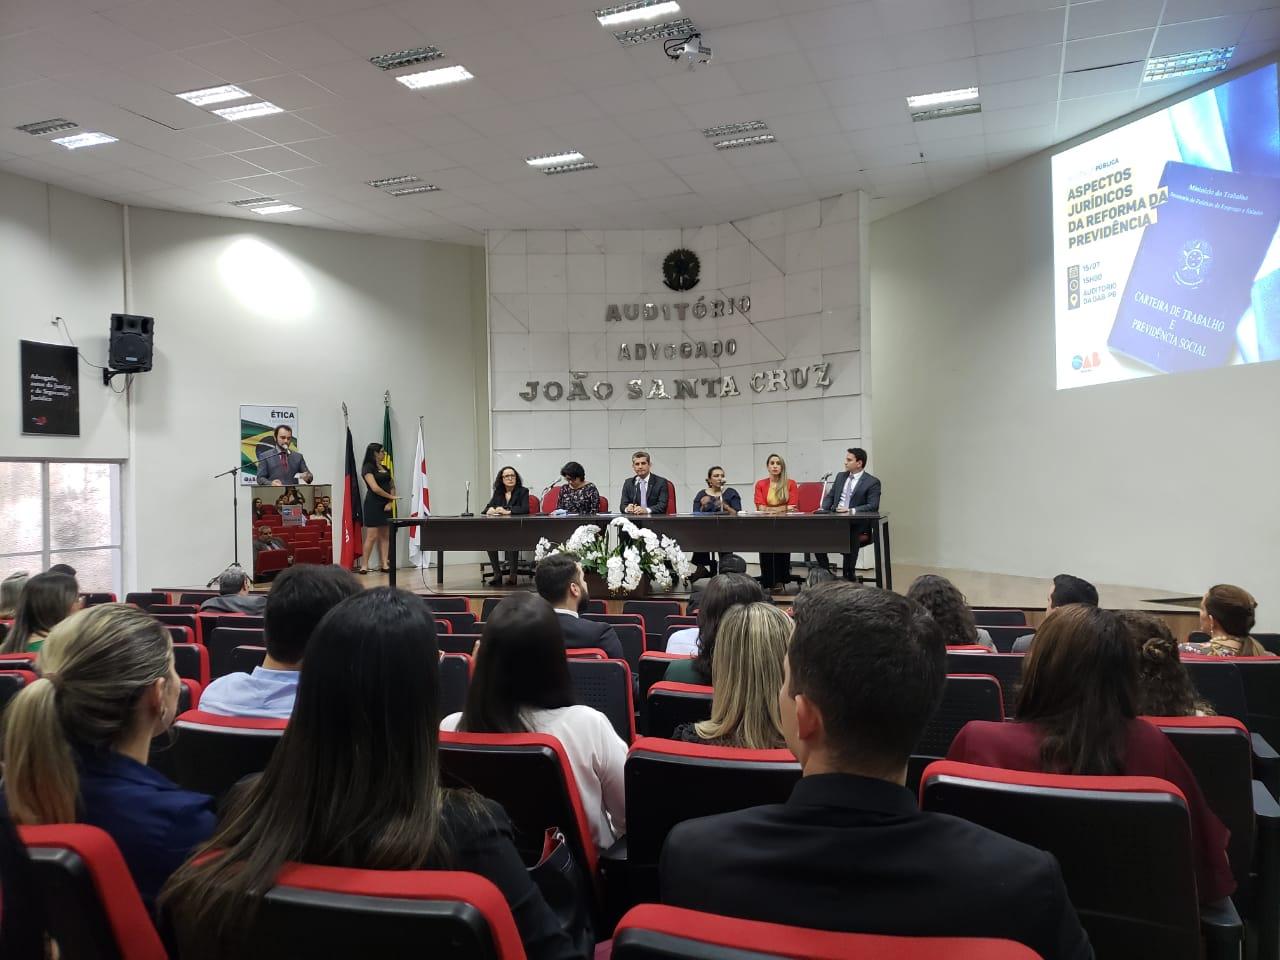 OAB-PB realiza audiência pública para debater aspectos jurídicos da Reforma da Previdência